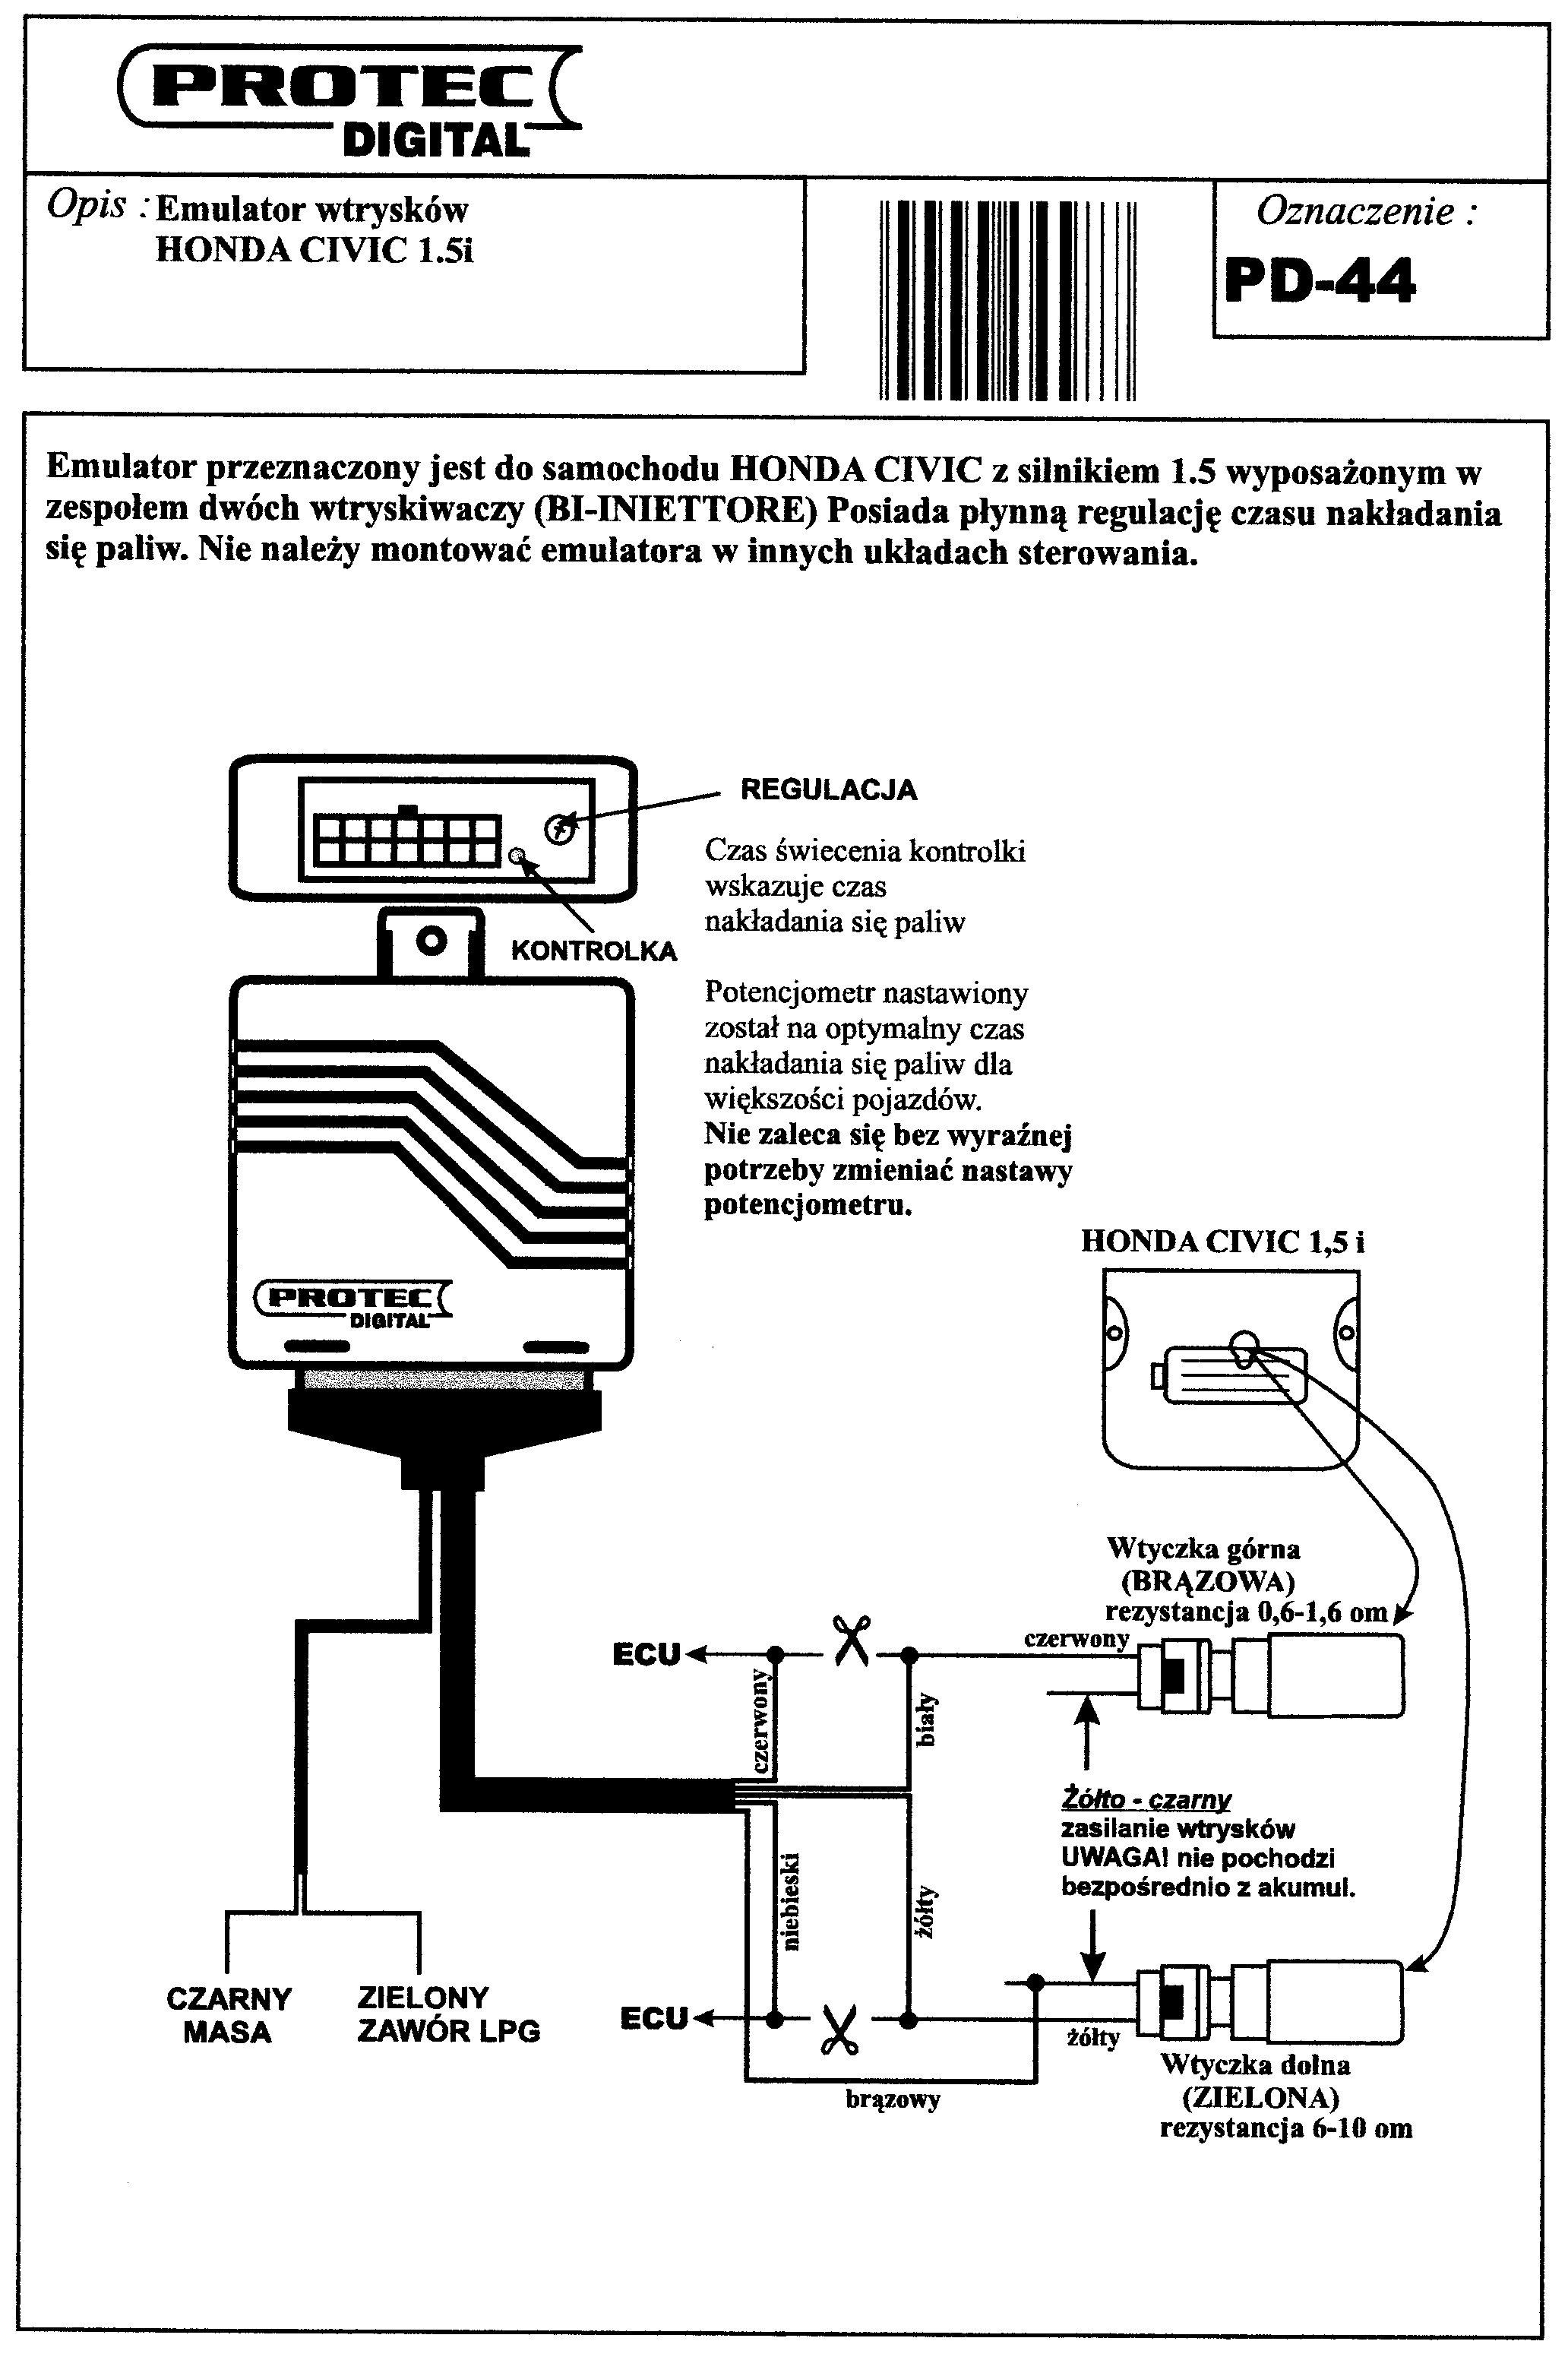 Honda civic silnik d15b2 1.5 16V emulacja wtryskow